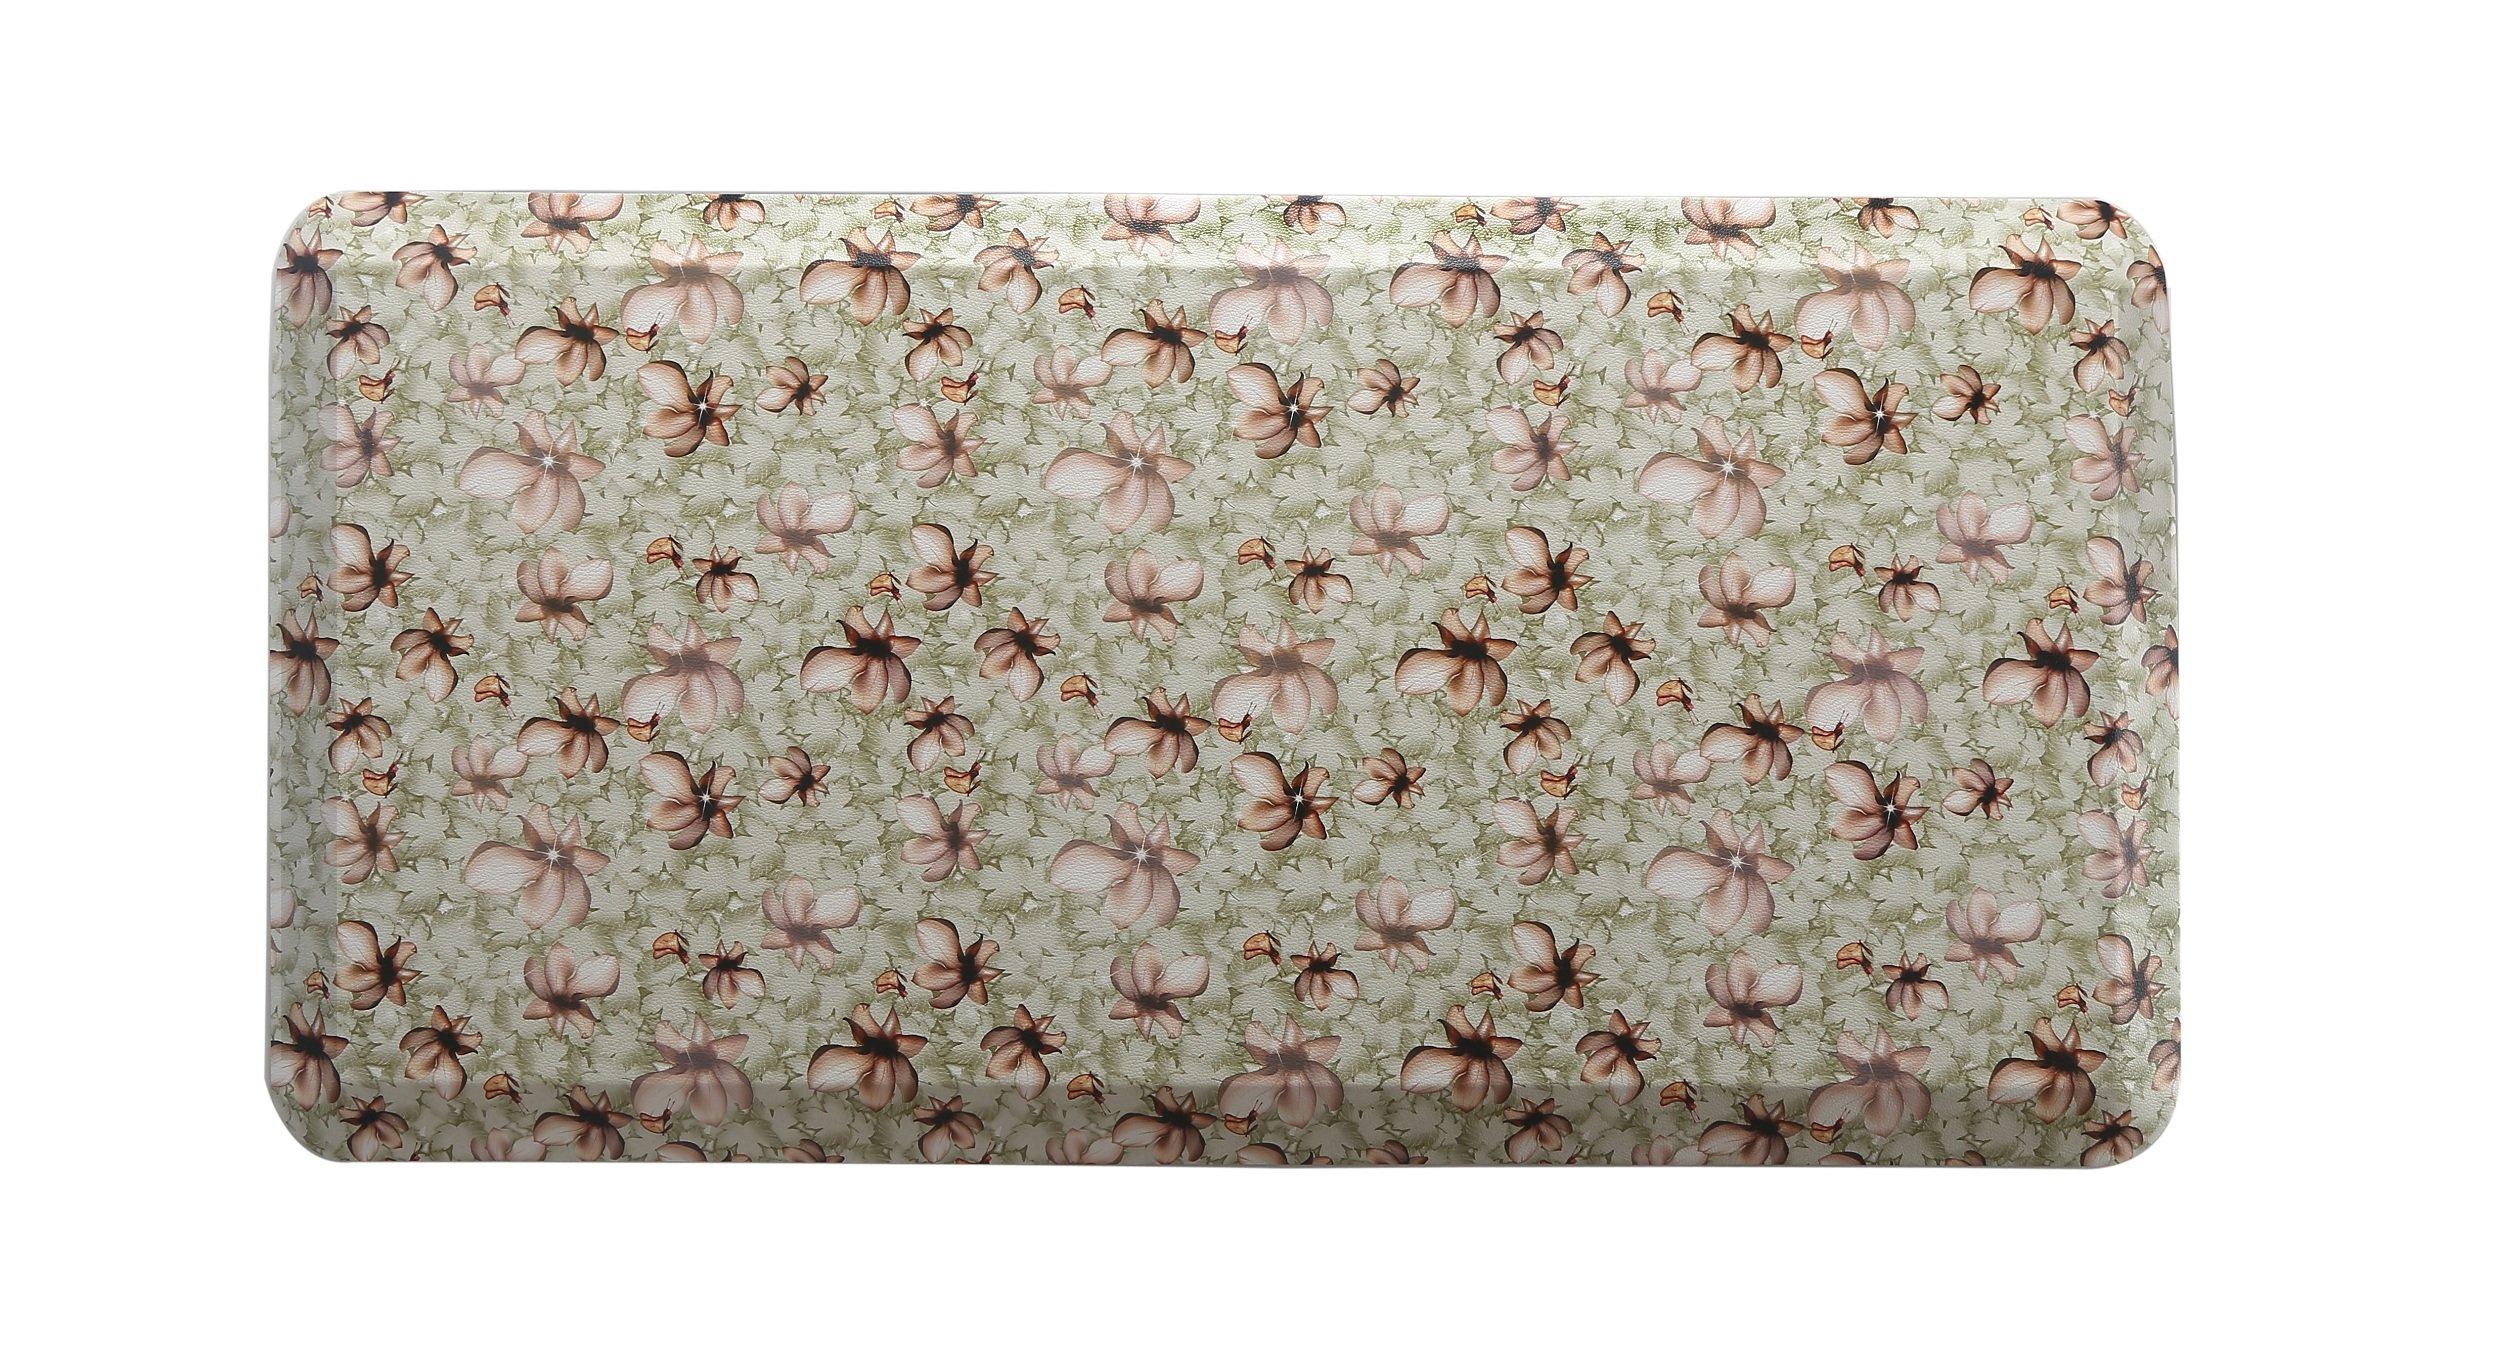 HEALEG Kitchen Anti Fatigue Mat,Comfort Floor Mats,Standing Desk Mats (Green, 20''x39''x3/4'')